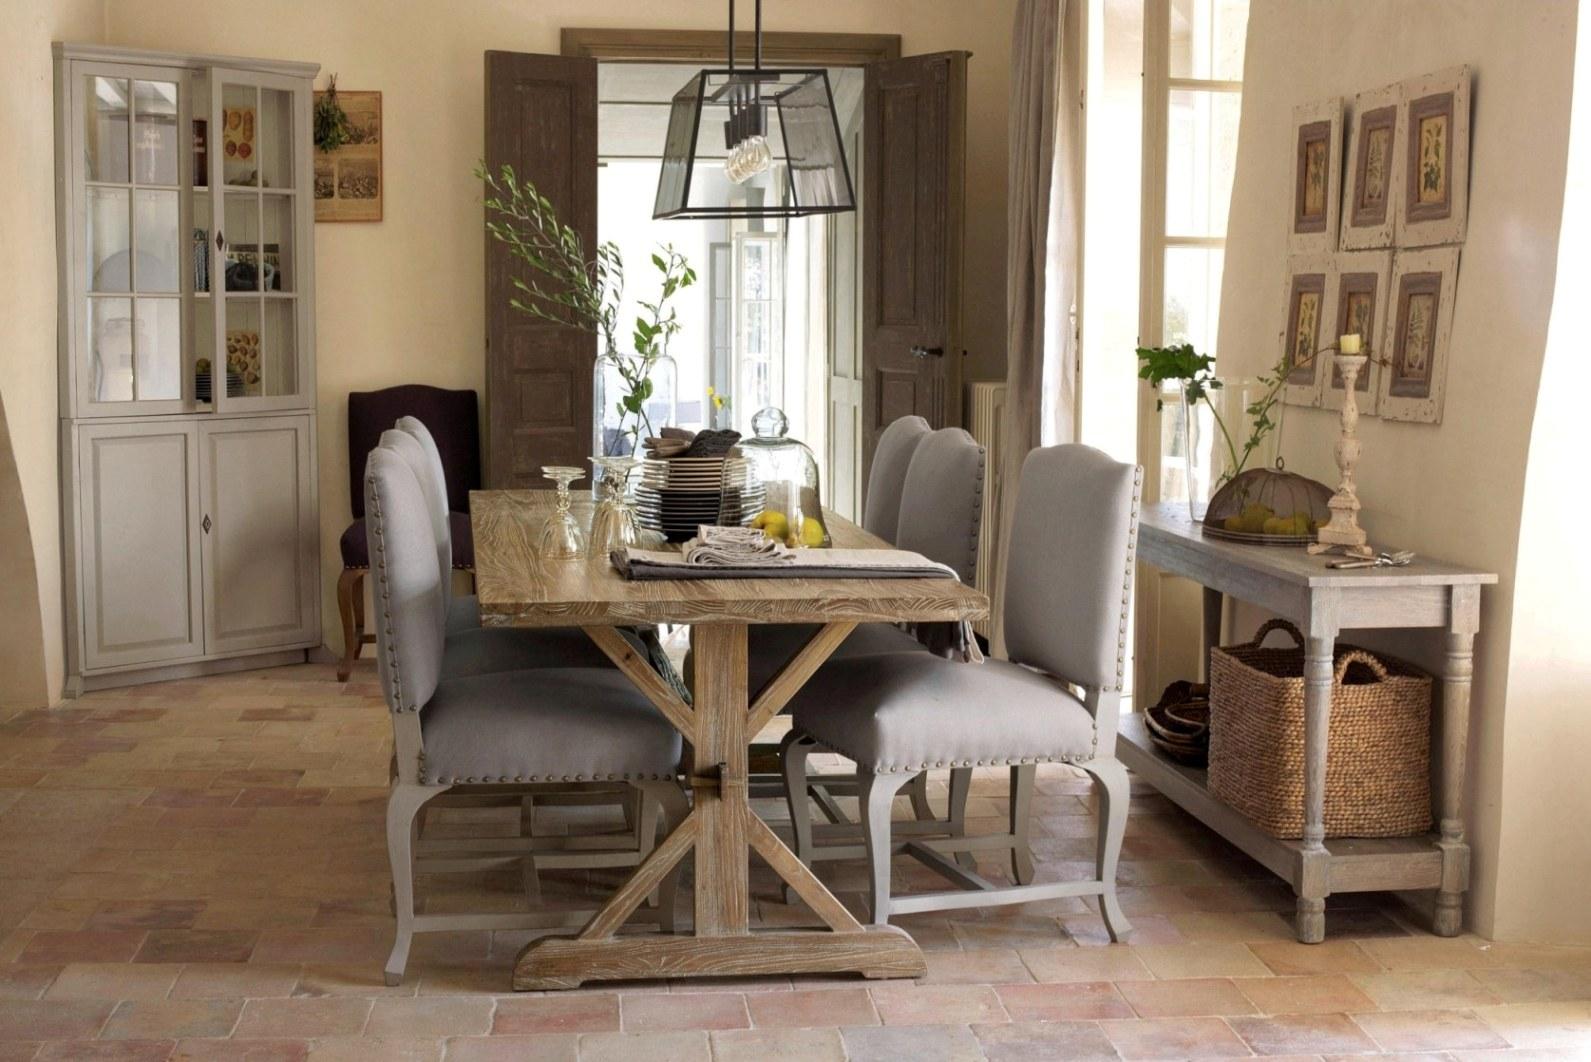 la botte secr te style campagne. Black Bedroom Furniture Sets. Home Design Ideas